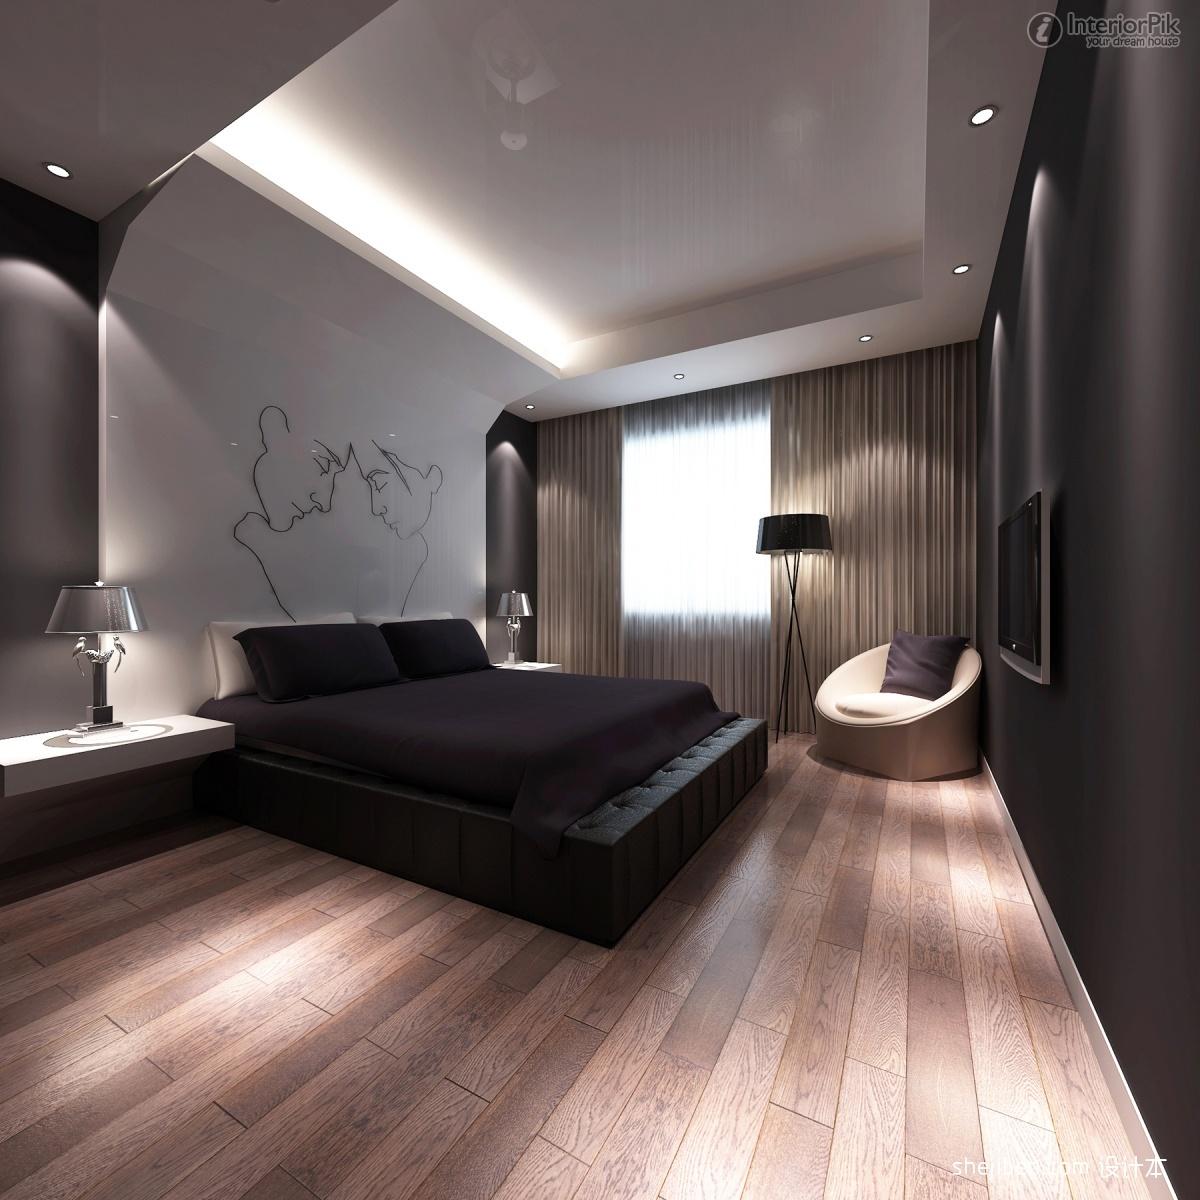 soveværelse-design-2013-superb-moderne-værelses-design-ideer-2013-interiør-udsmykning-møbler-med-reccessed-lys-også-engineering-træ-gulv-og-stående-lampe-feat-moderne-rounded- stol